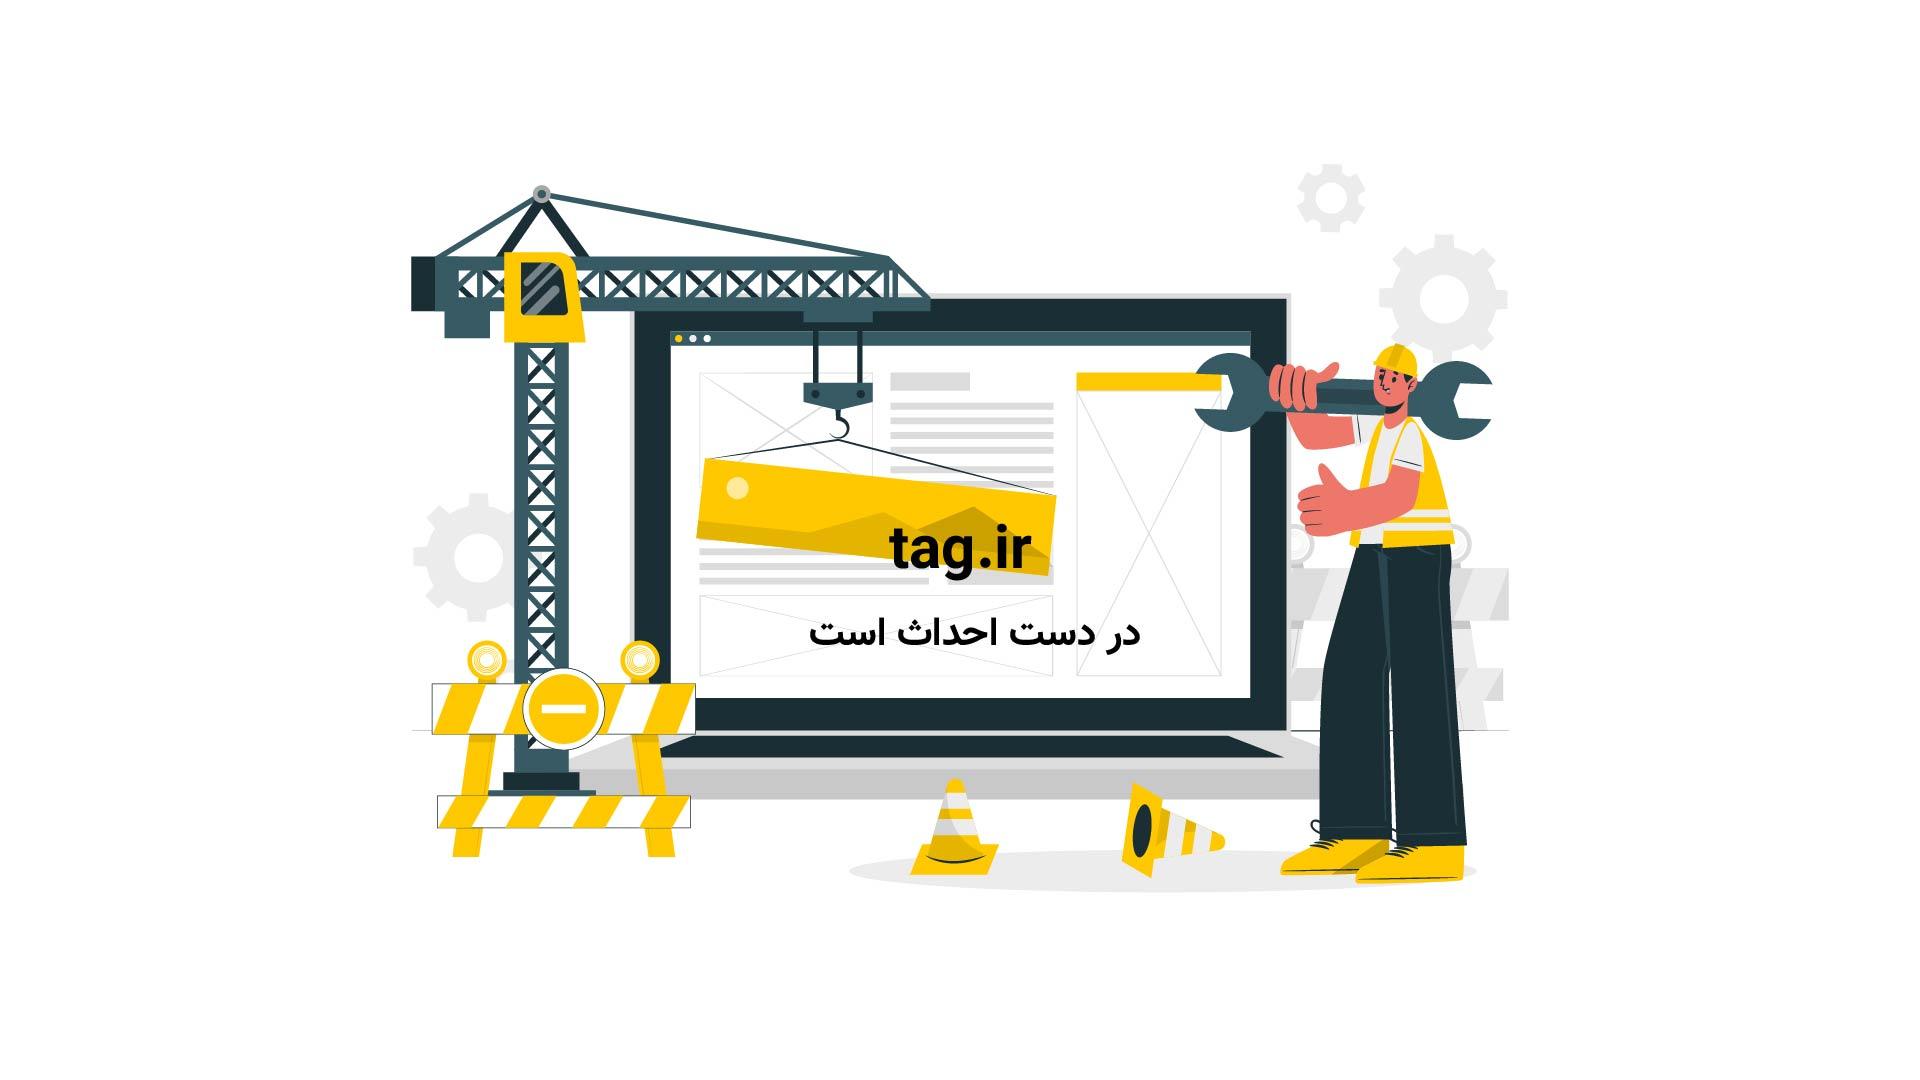 فیلم لحظه فرو ریختن سقف یکی از ایستگاه های مترو در چین